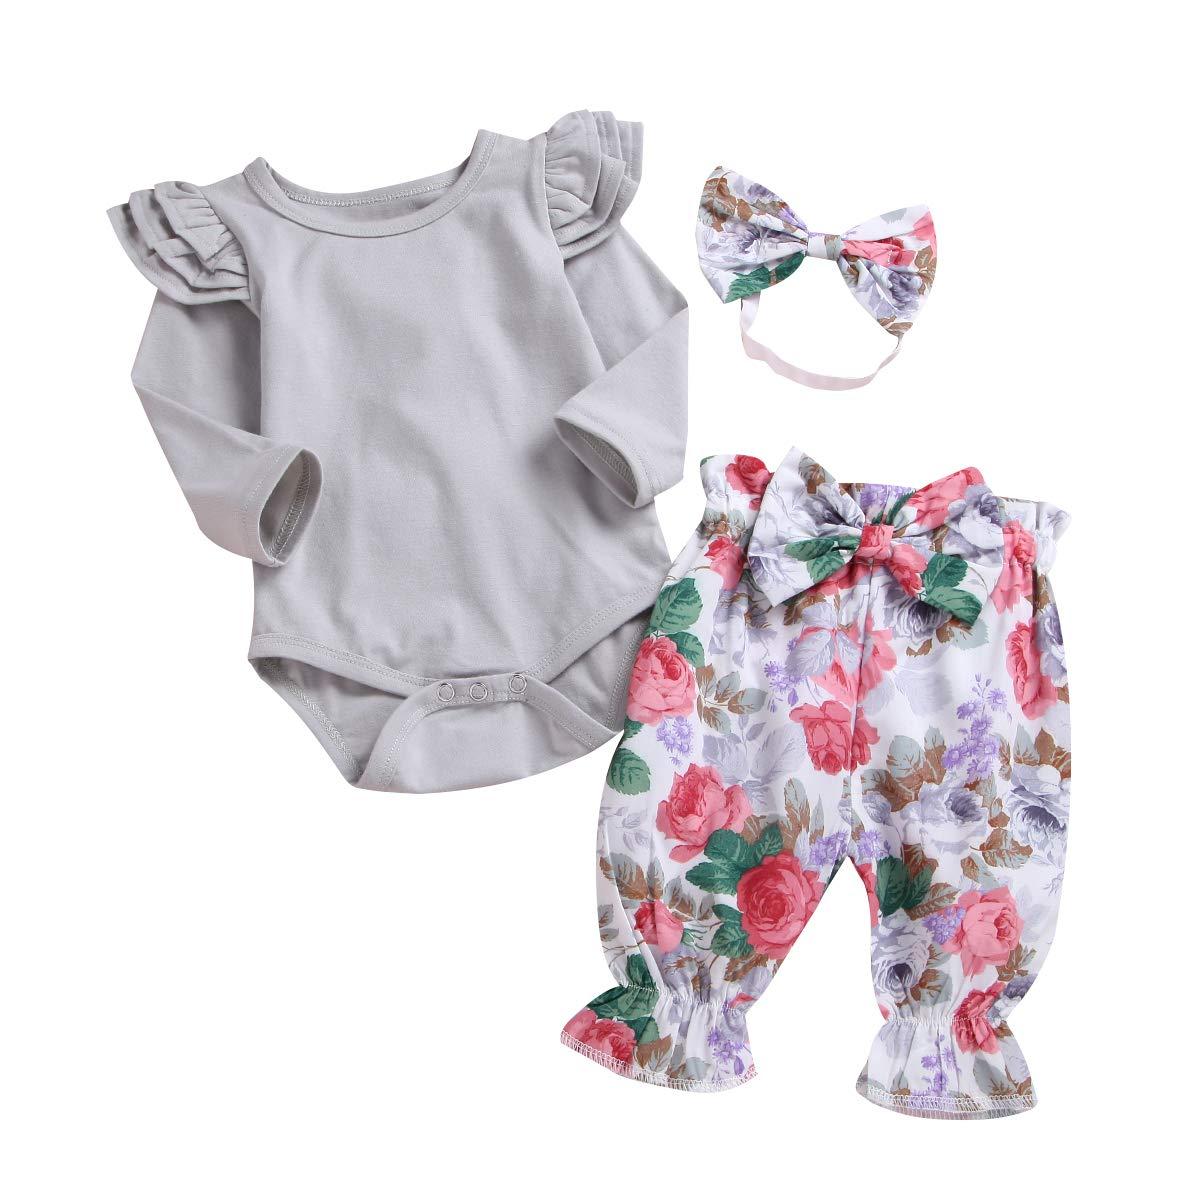 Newborn Baby Girls Clothes Cotton Bodysuit Long Sleeve Romper Floral Pants 3pcs Outfits Set